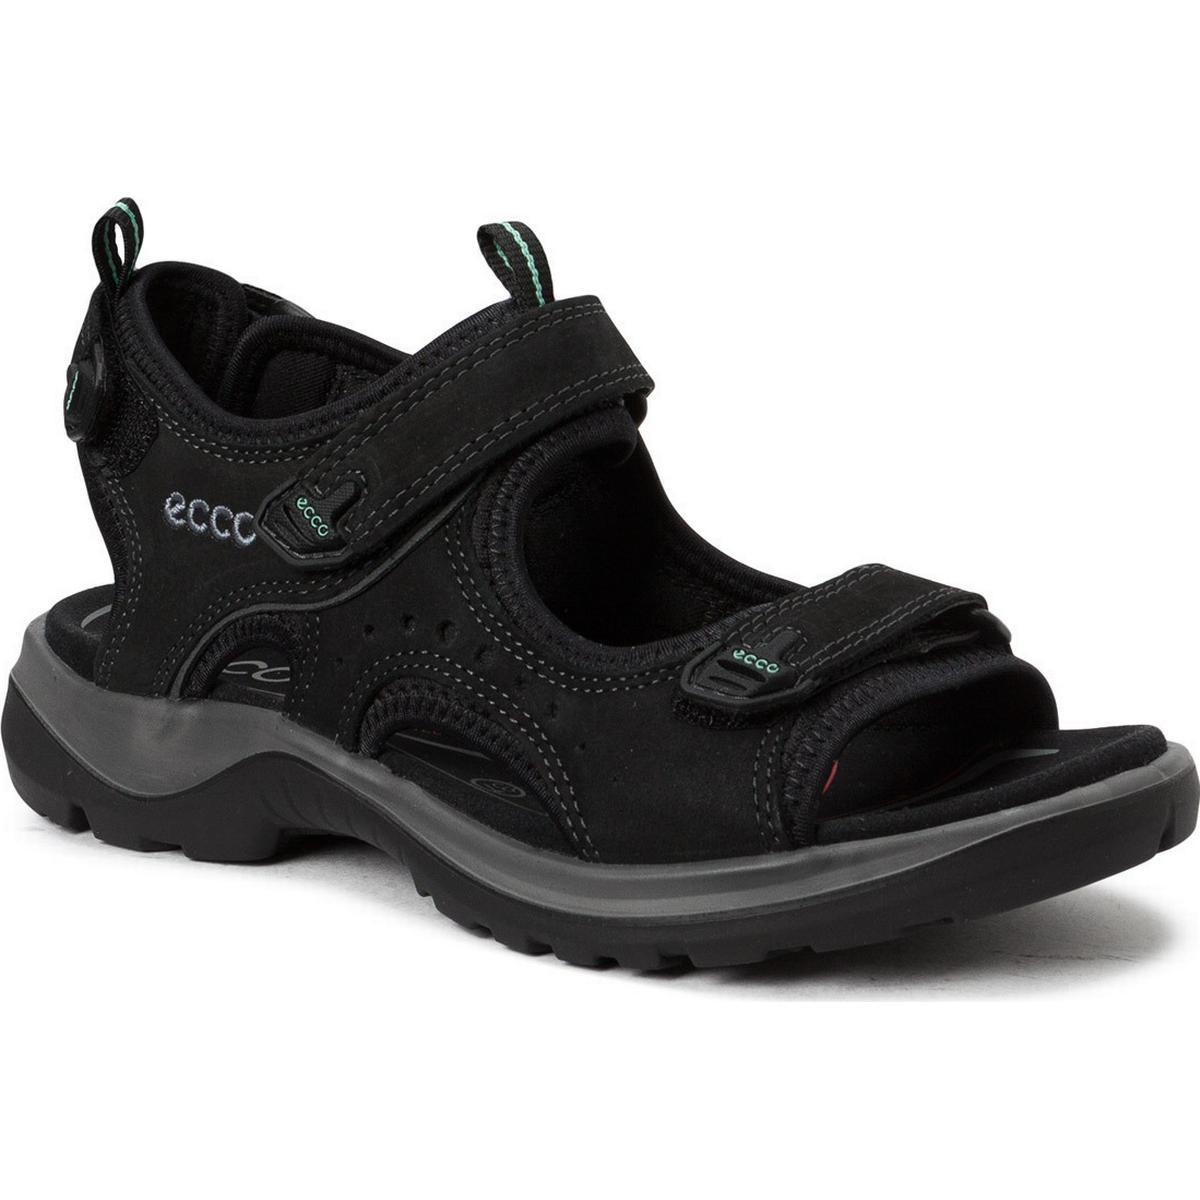 b4717cce Ecco - Sammenlign priser på Ecco sko hos PriceRunner